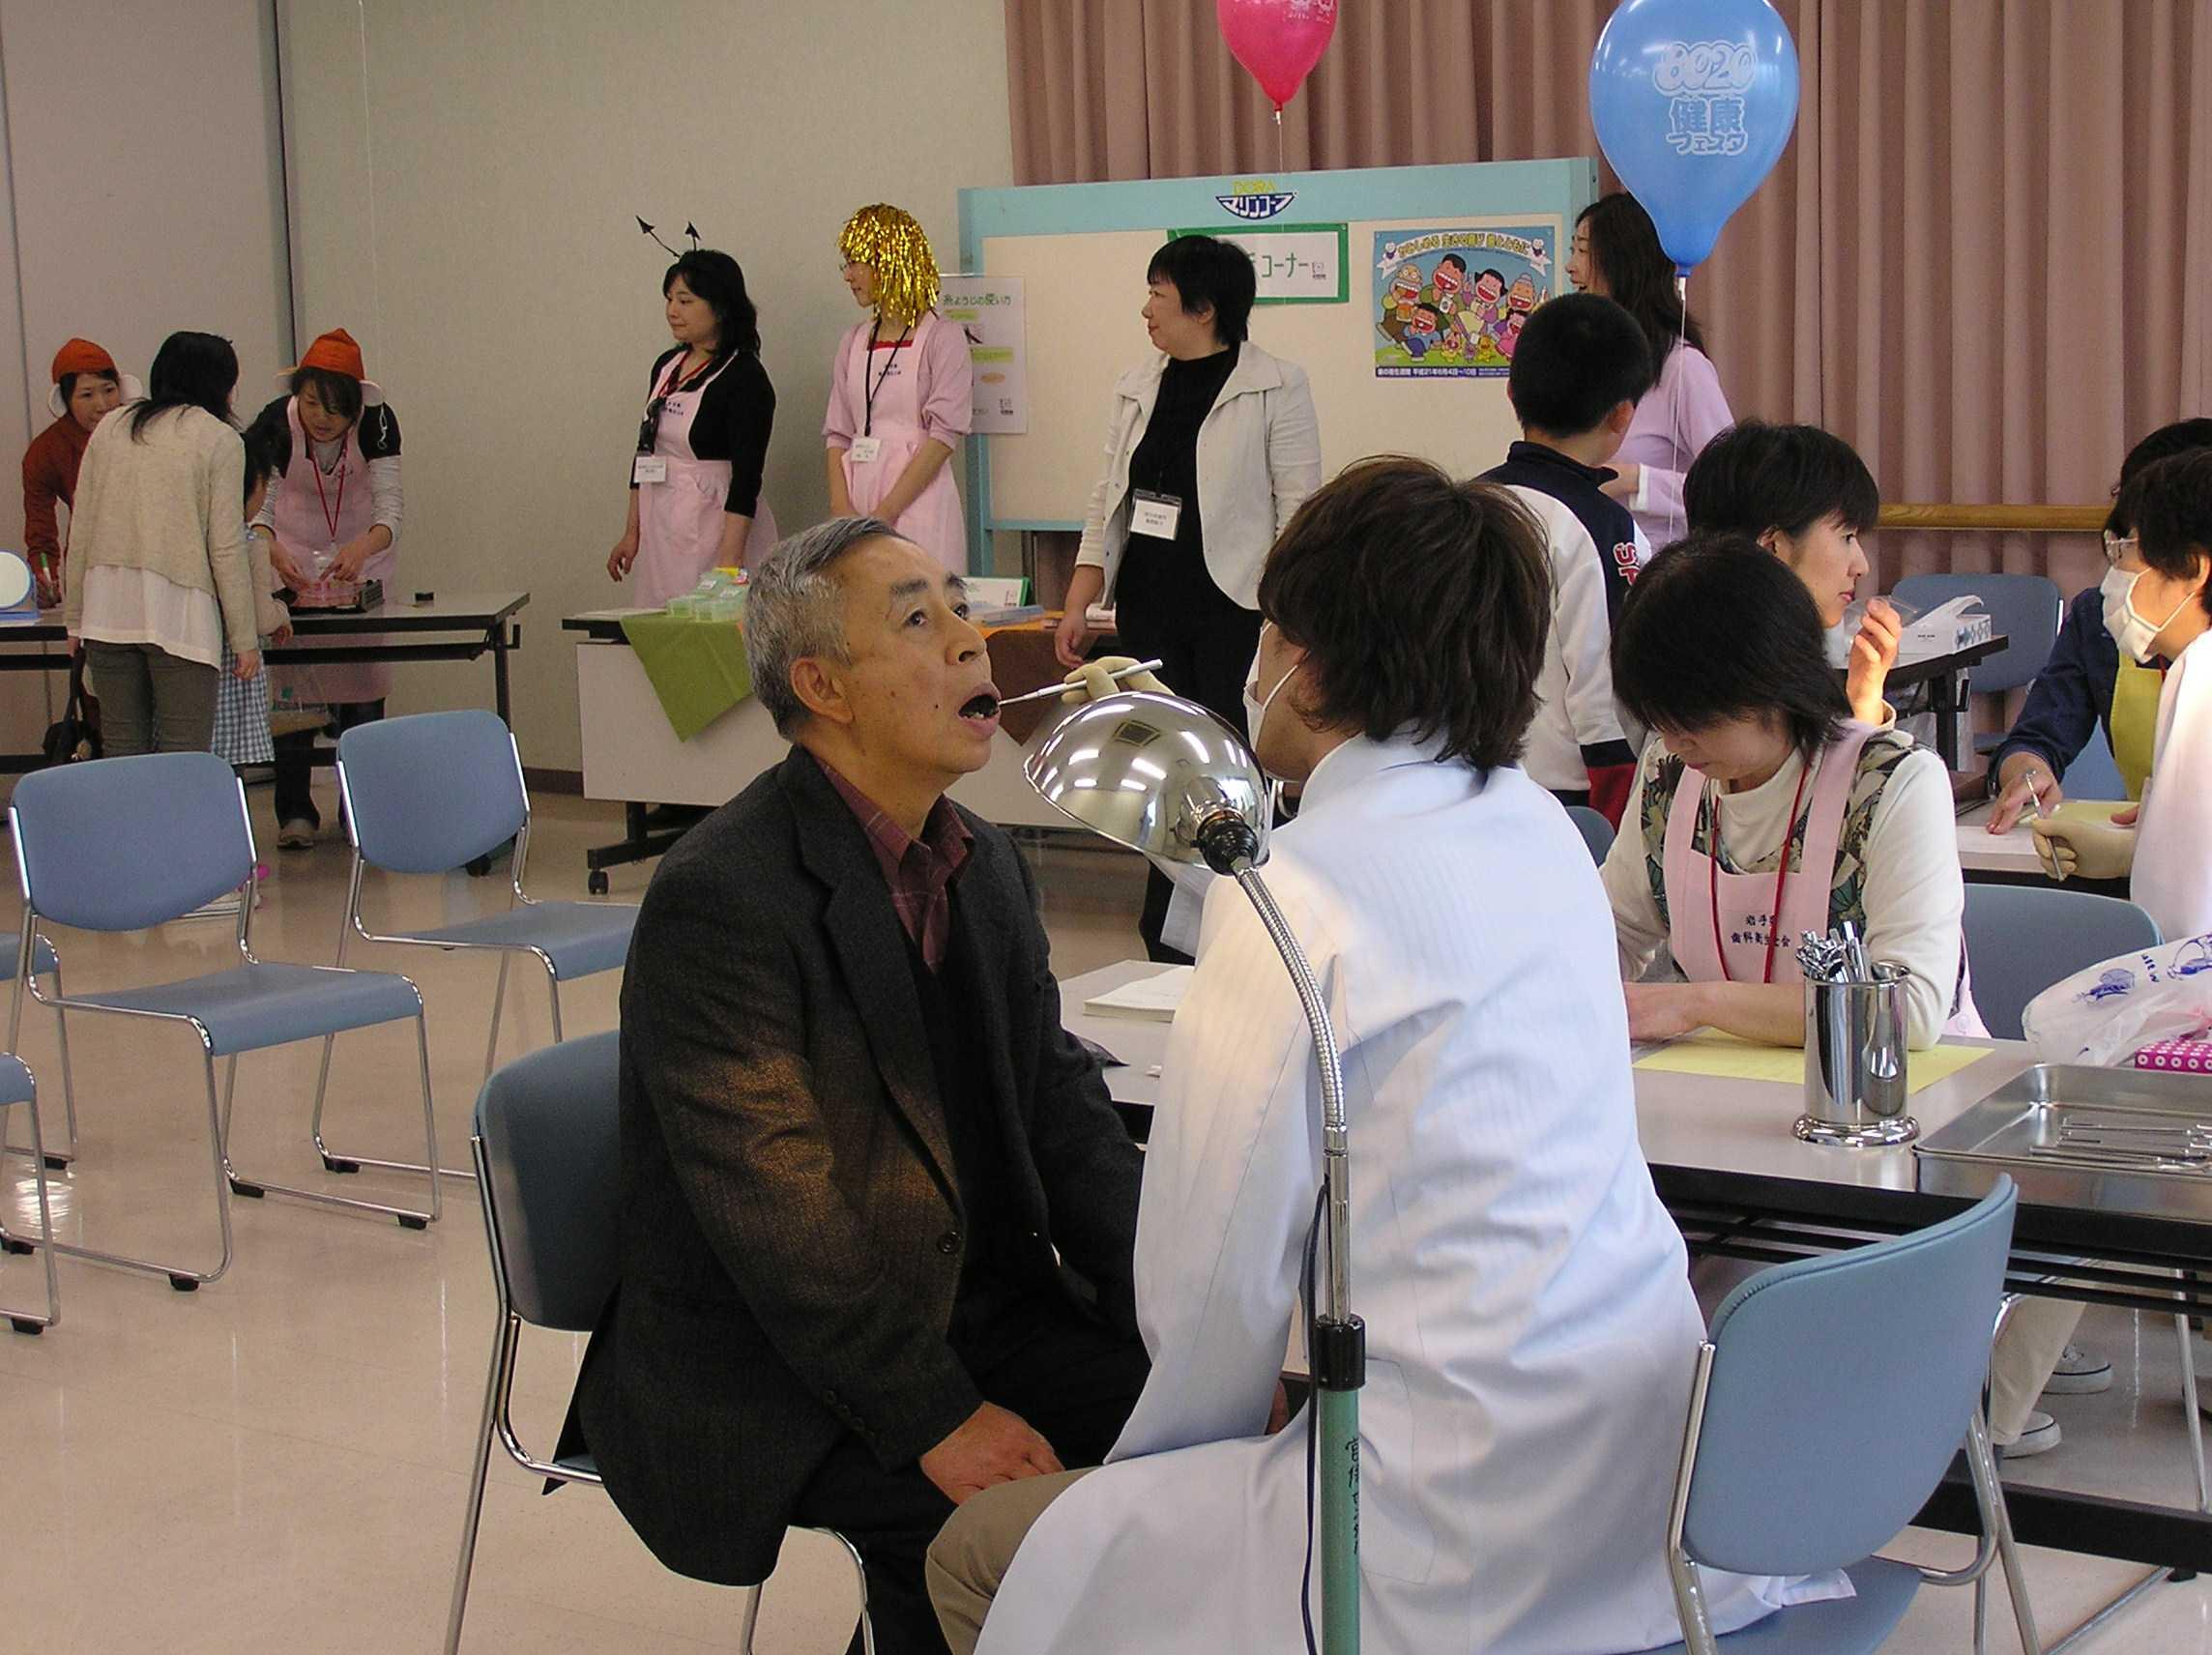 平成21年度 歯の衛生週間フェスティバル 当日の様子_f0077938_1441396.jpg